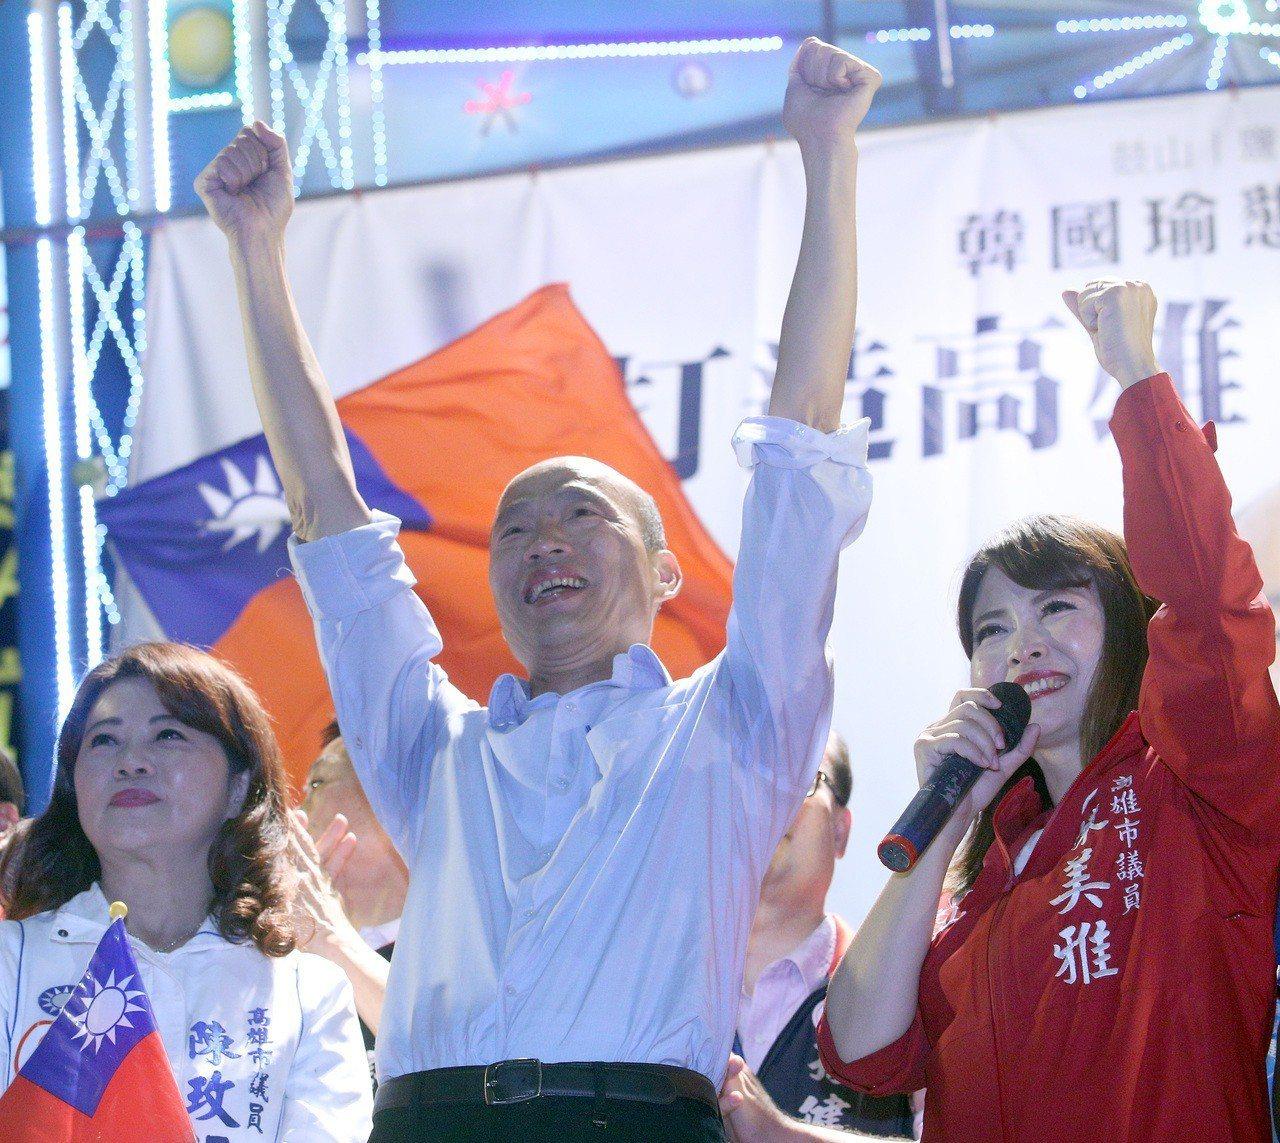 國民黨高雄市長人候選人韓國瑜(中)空戰聲量分貝高,也打出陸戰聲勢。圖/聯合報資料...